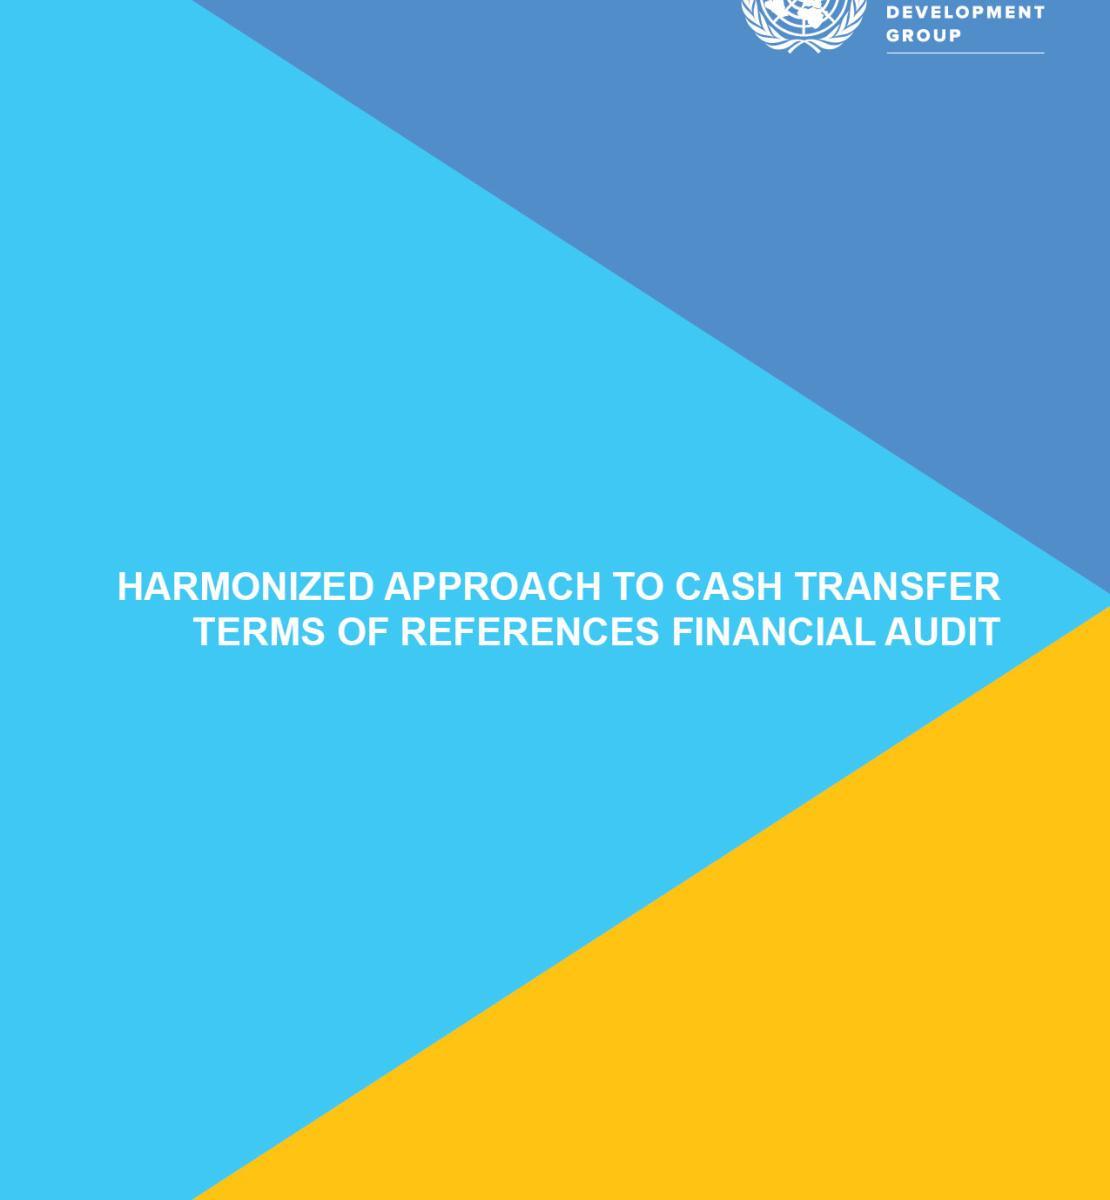 Approche harmonisée de remise d'espèces aux partenaires d'exécution - Termes de référence relatifs aux audits financiers